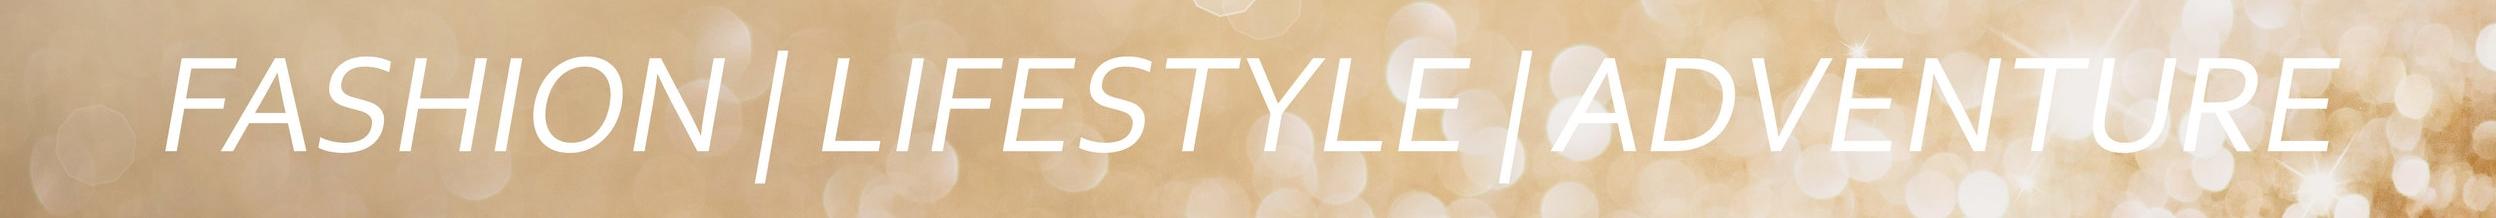 Fashion Lifestyle Adventure Banner.jpg